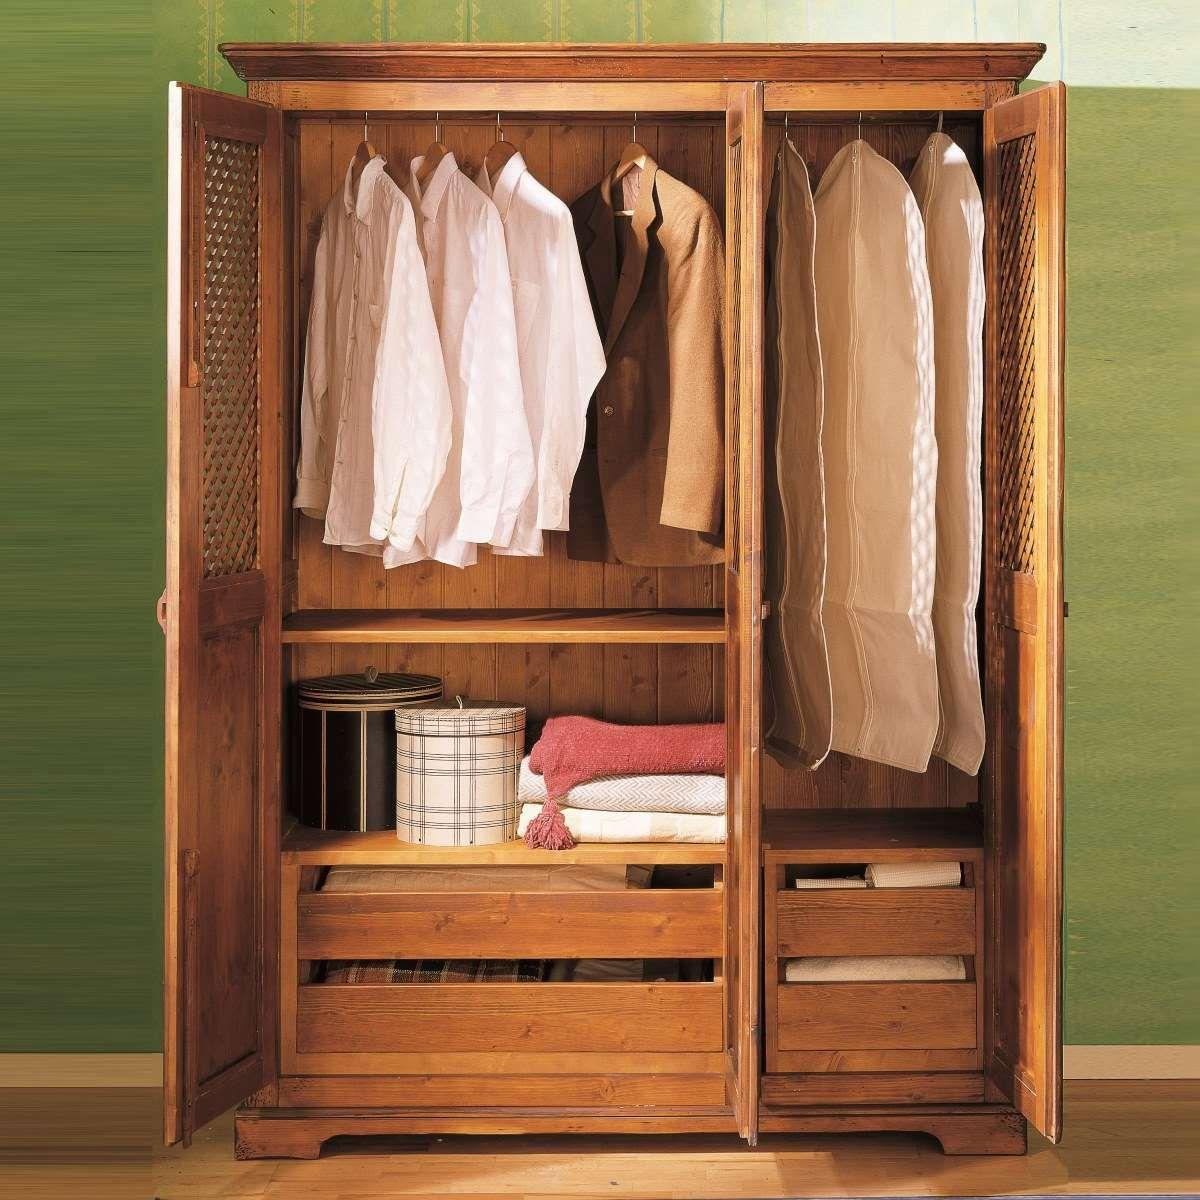 Armario r stico de madera en tres puertas ecor stico dormitorio ideas madera armarios y - Armarios tres puertas ...